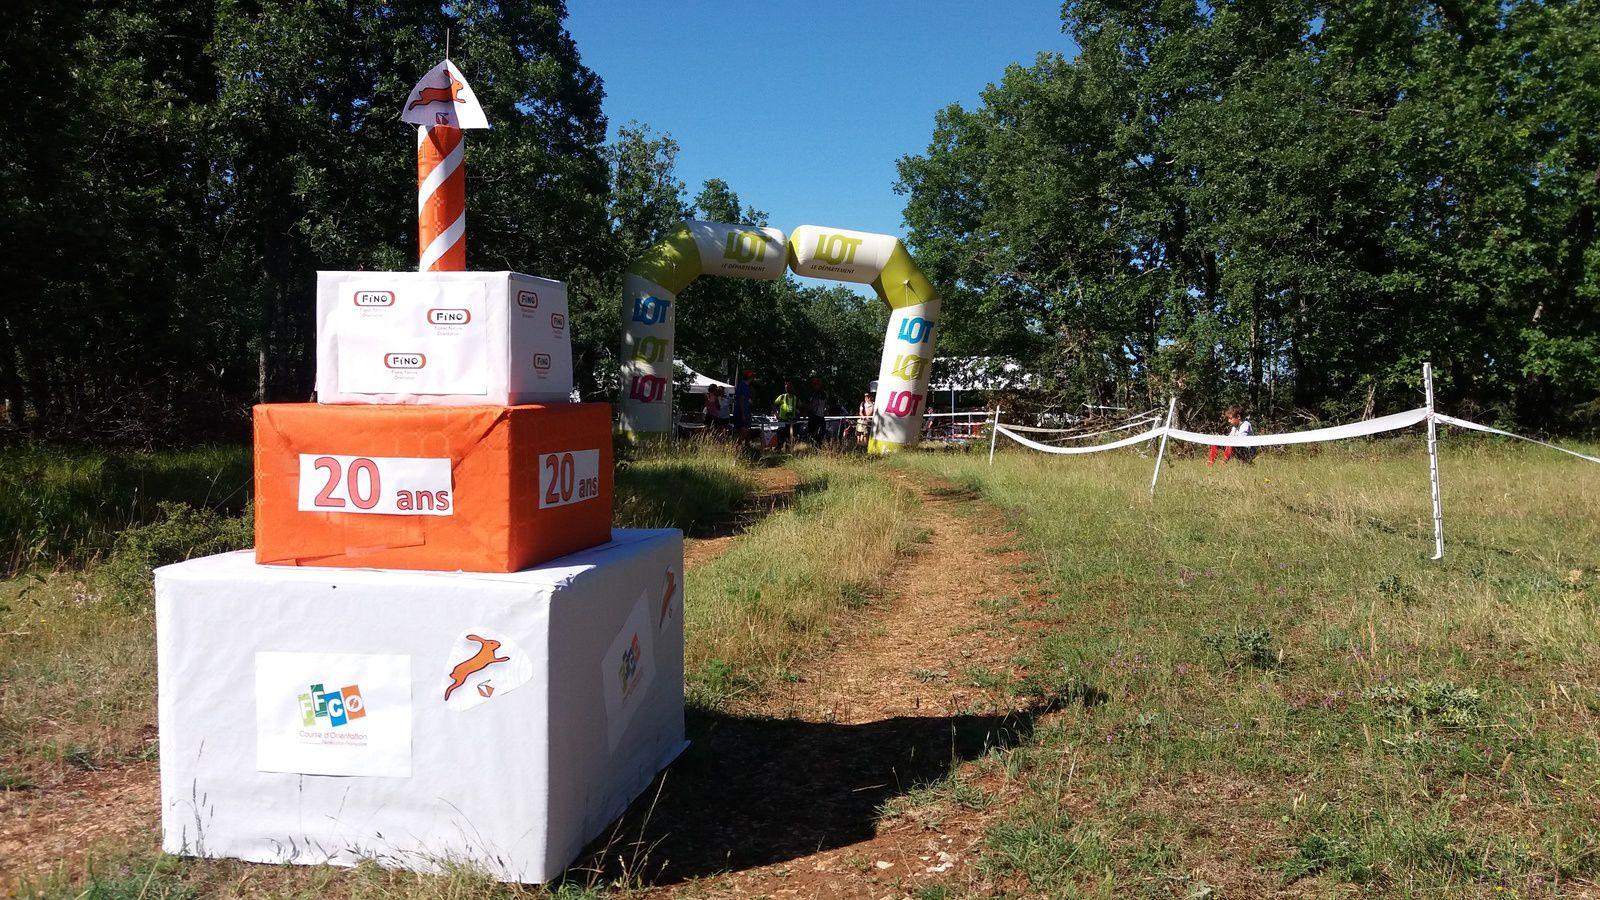 Le FiNO a réalisé une balise cadeau gâteau pour célébrer les 20 ans du club lors de la Nationale Sud Ouest à Quissac le 18 juin 2017.